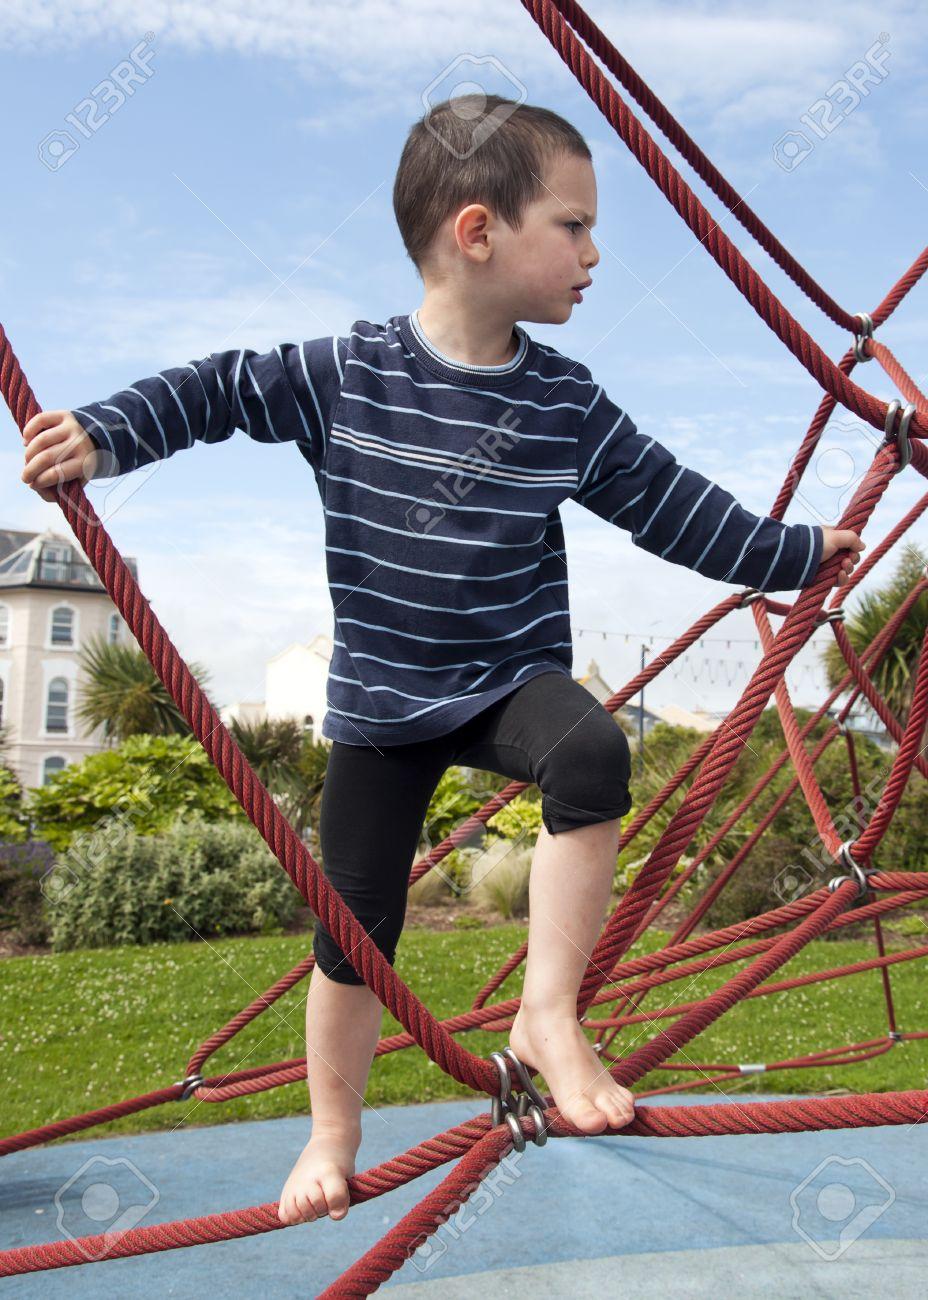 Kinder Spielen Barfuß Am Spielplatz Auf Einem Seil Klettergerüst ...